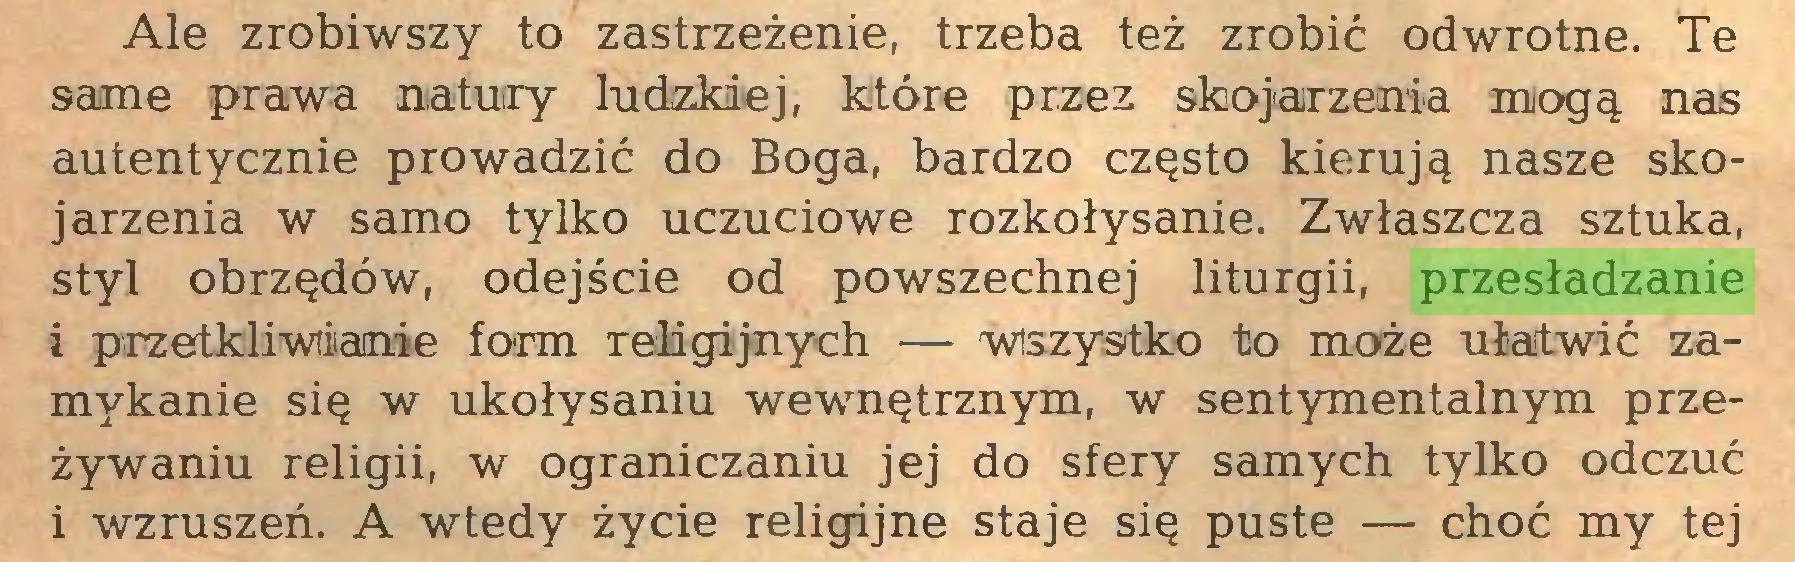 (...) Ale zrobiwszy to zastrzeżenie, trzeba też zrobić odwrotne. Te same prawa natury ludzkiej, które przez skojarzenia mogą nas autentycznie prowadzić do Boga, bardzo często kierują nasze skojarzenia w samo tylko uczuciowe rozkołysanie. Zwłaszcza sztuka, styl obrzędów, odejście od powszechnej liturgii, przesładzanie i przełkliwiianie form religijnych — Wszystko to może ułatwić zamykanie się w ukołysaniu wewnętrznym, w sentymentalnym przeżywaniu religii, w ograniczaniu jej do sfery samych tylko odczuć i wzruszeń. A wtedy życie religijne staje się puste — choć my tej...